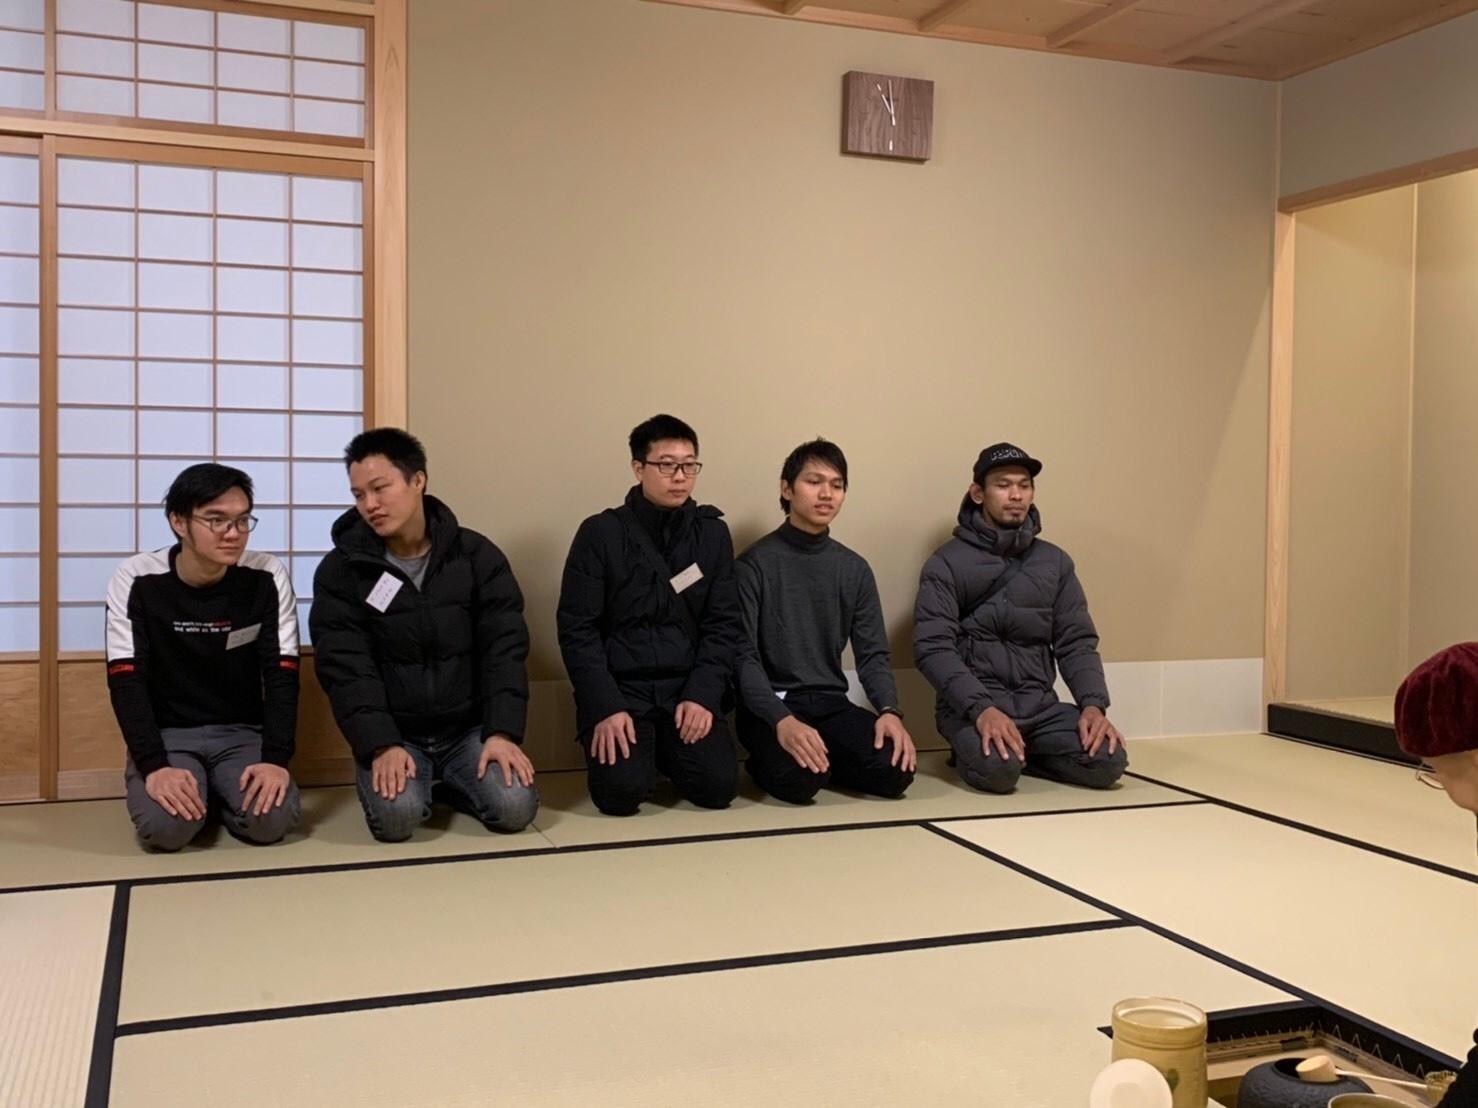 日曜朝教室(2019.12.22)お茶会🍵_e0175020_09400661.jpeg